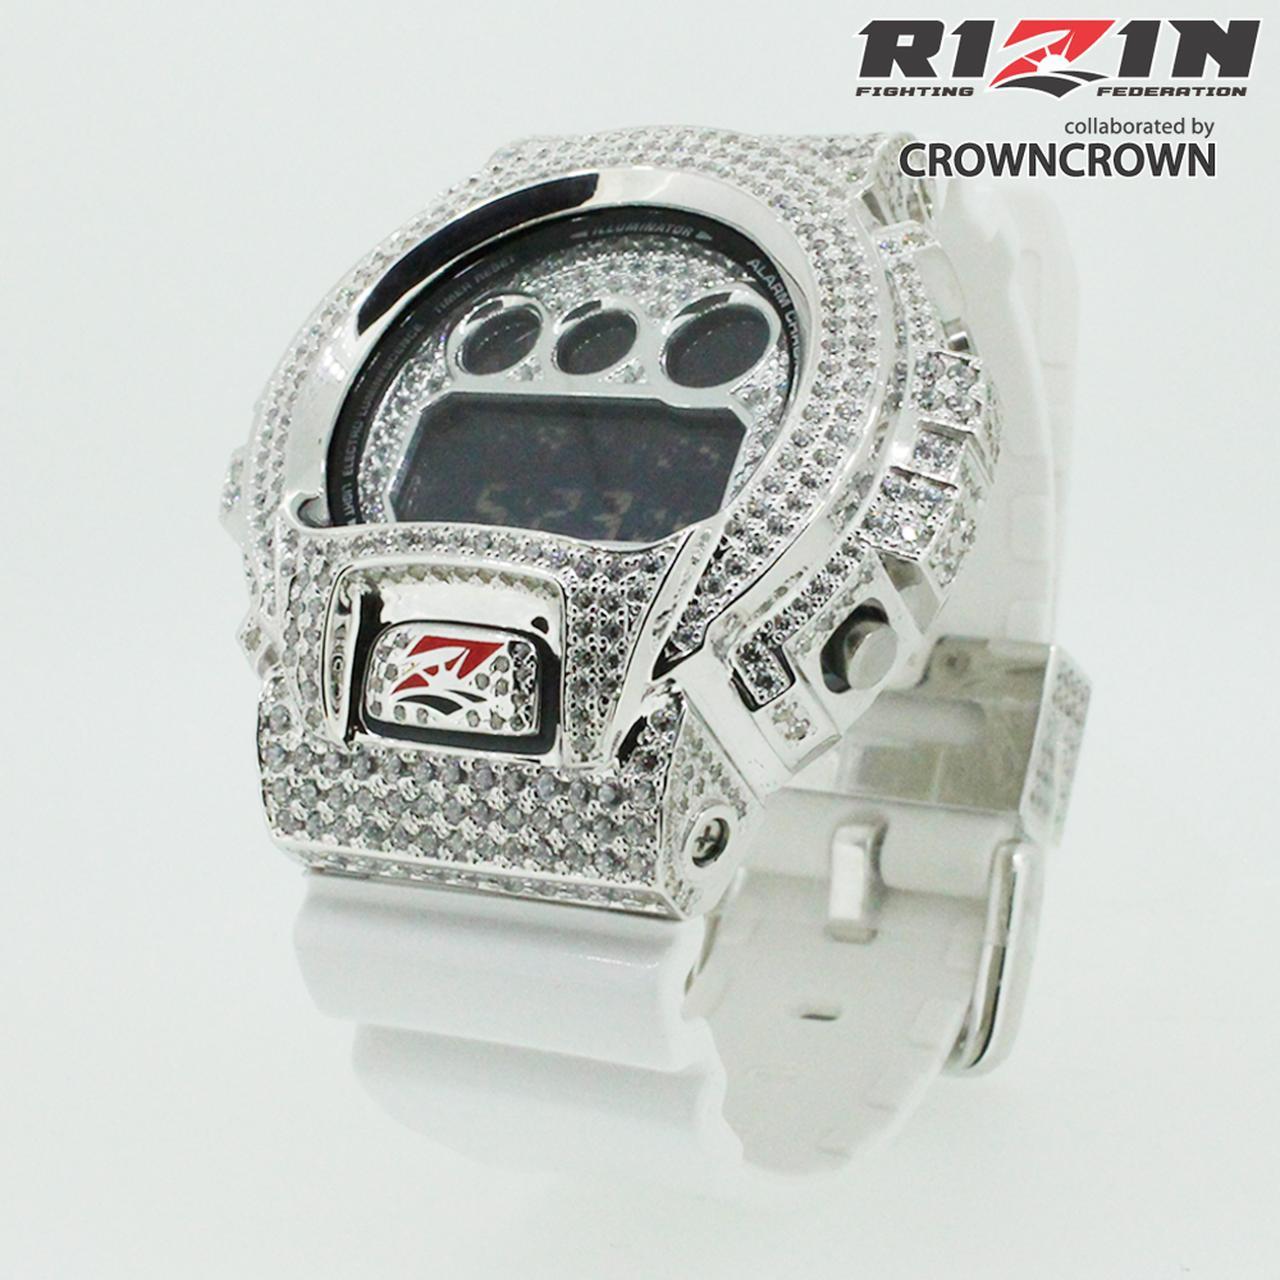 画像1: RIZIN G-SHOCKカスタム時計とRIZIN特製ネックレスが販売決定!